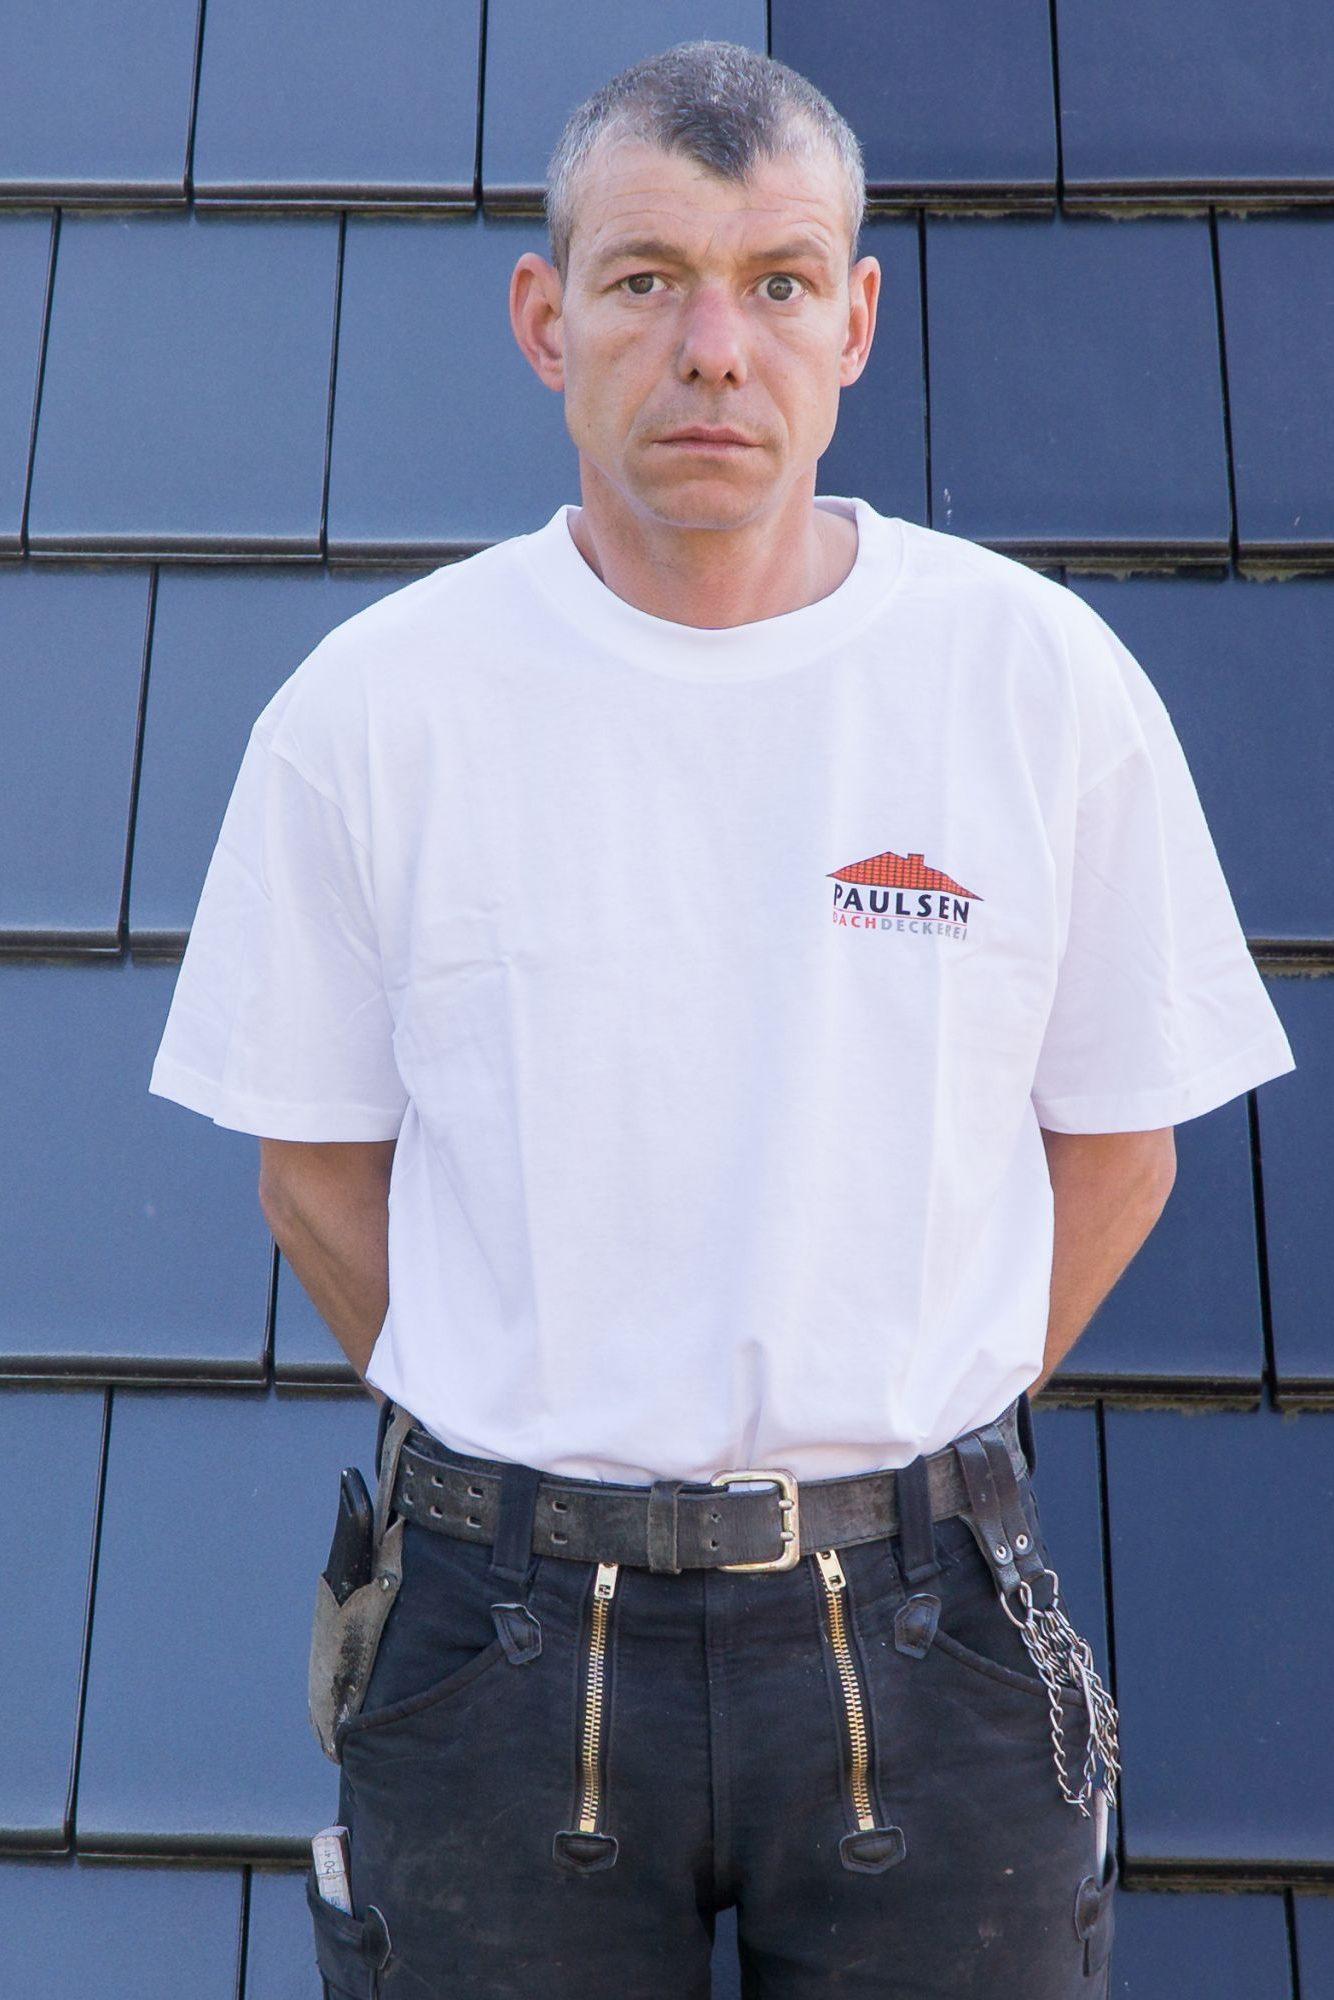 Marco Glatz (Vorarbeiter)